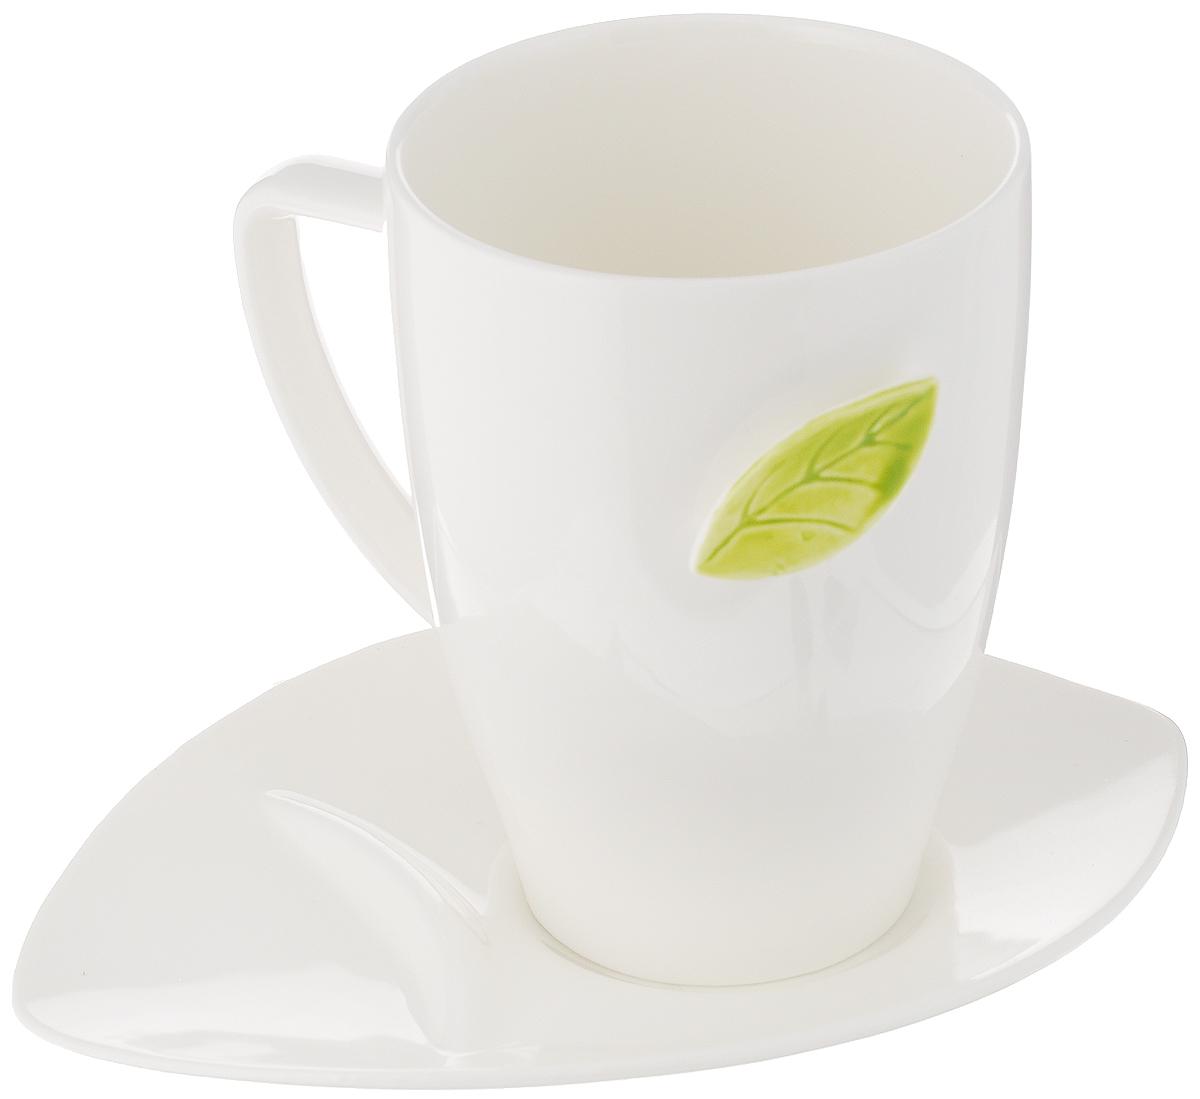 Чайная пара Tescoma Yasmin, 2 предмета387590Чайная пара Tescoma Yasmin состоит из кружки крючком в форме листка для крепления чайных пакетиков при заваривании и блюдца специальной формы для откладывания пакетиков. Изделия выполнены из высококачественного фарфора. Современный дизайн, несомненно, придется вам по вкусу.Чайная пара Tescoma Yasmin украсит ваш кухонный стол, а также станет замечательным подарком к любому празднику.Можно использовать в микроволновой печи, холодильнике и мыть в посудомоечной машине.Объем чашки: 450 мл.Диаметр чашки (по верхнему краю): 8,5 см.Высота чашки: 12 см.Размер блюдца: 18 см.Высота блюдца: 2,7 см.